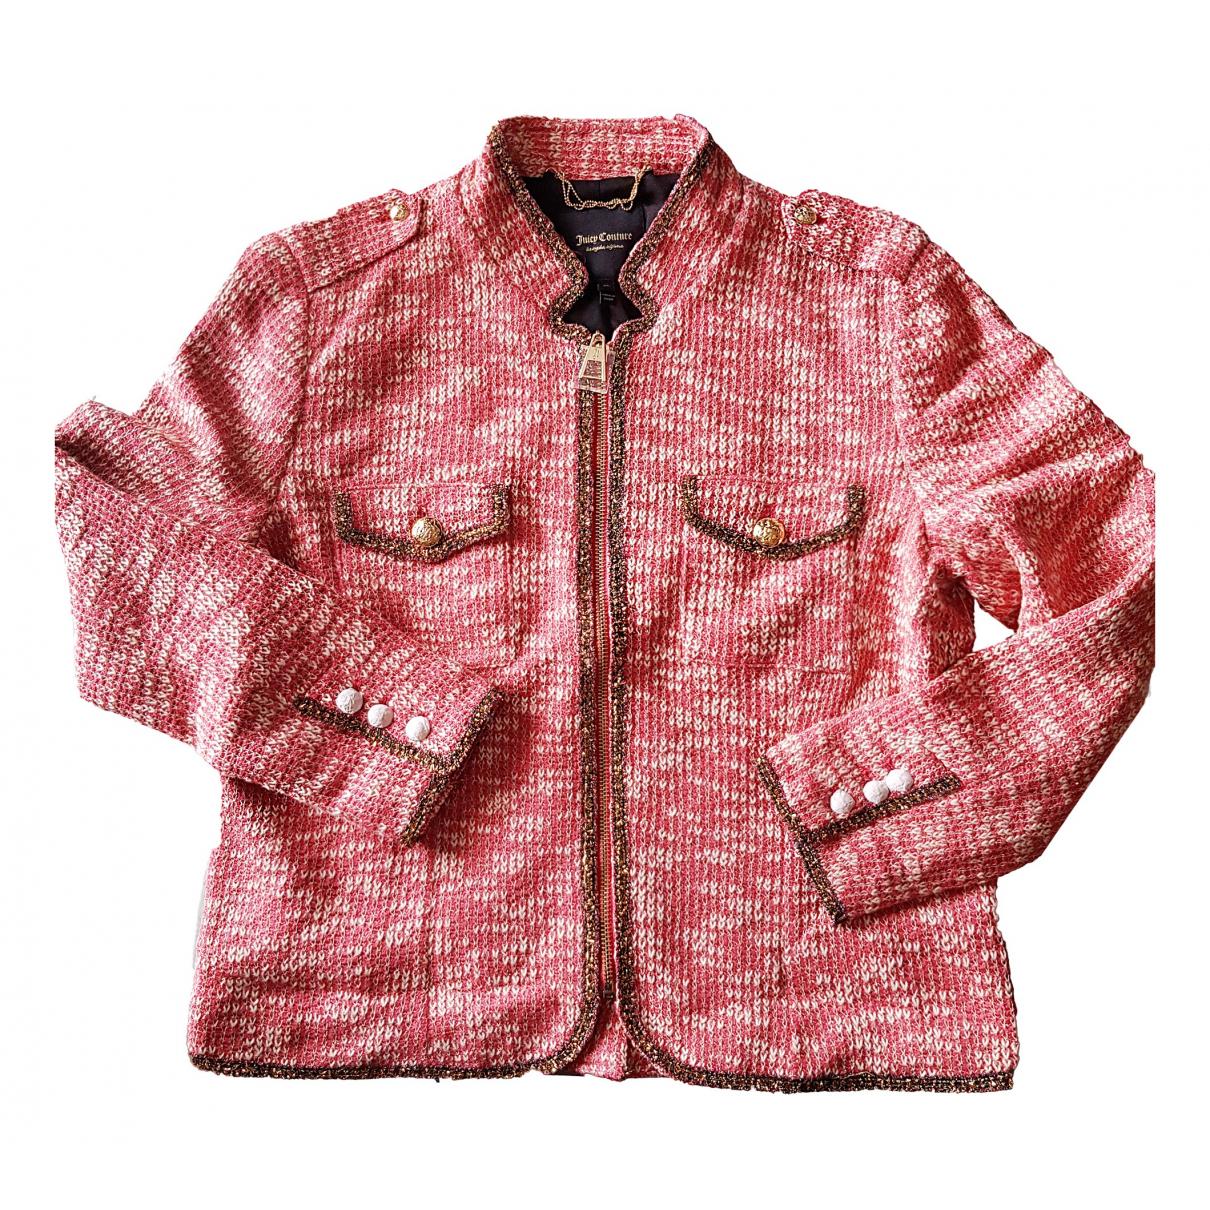 Juicy Couture - Veste   pour femme en coton - rose